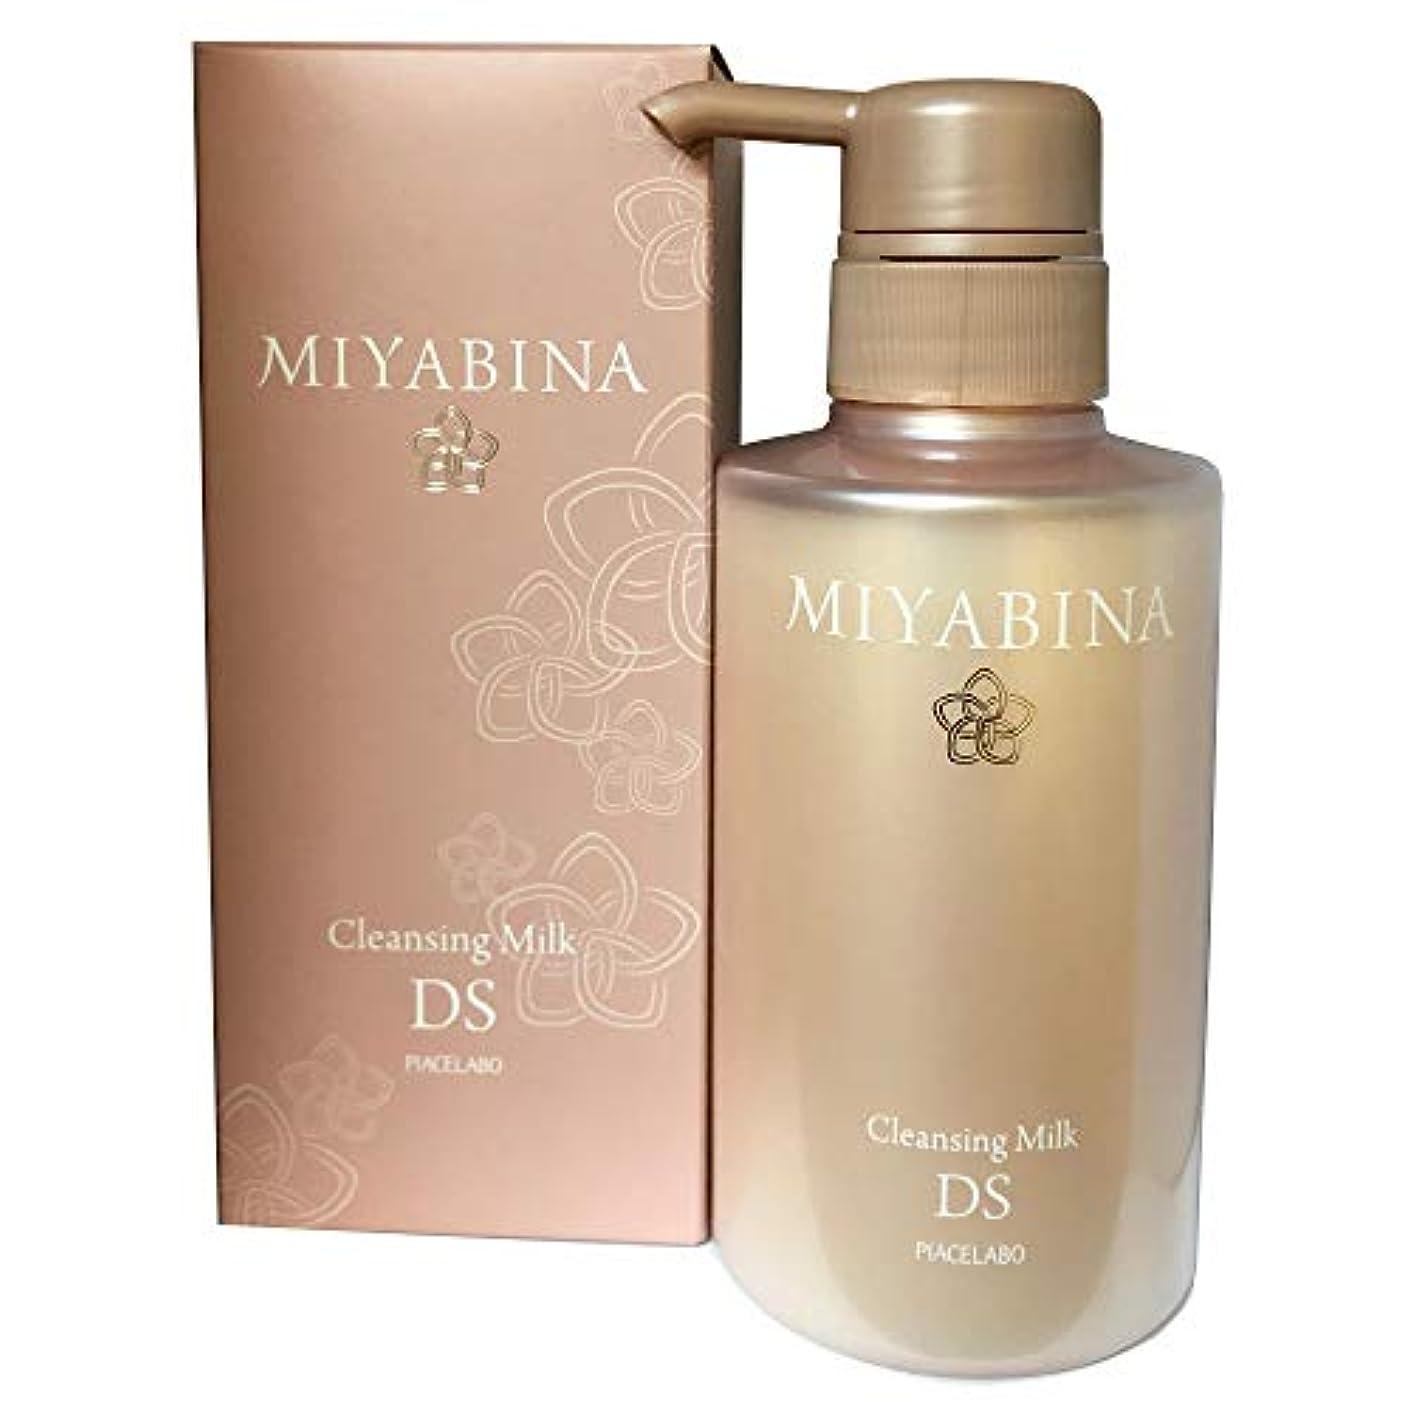 ロゴバイナリペフミヤビナ クレンジングミルク DS(乾燥肌) 270g